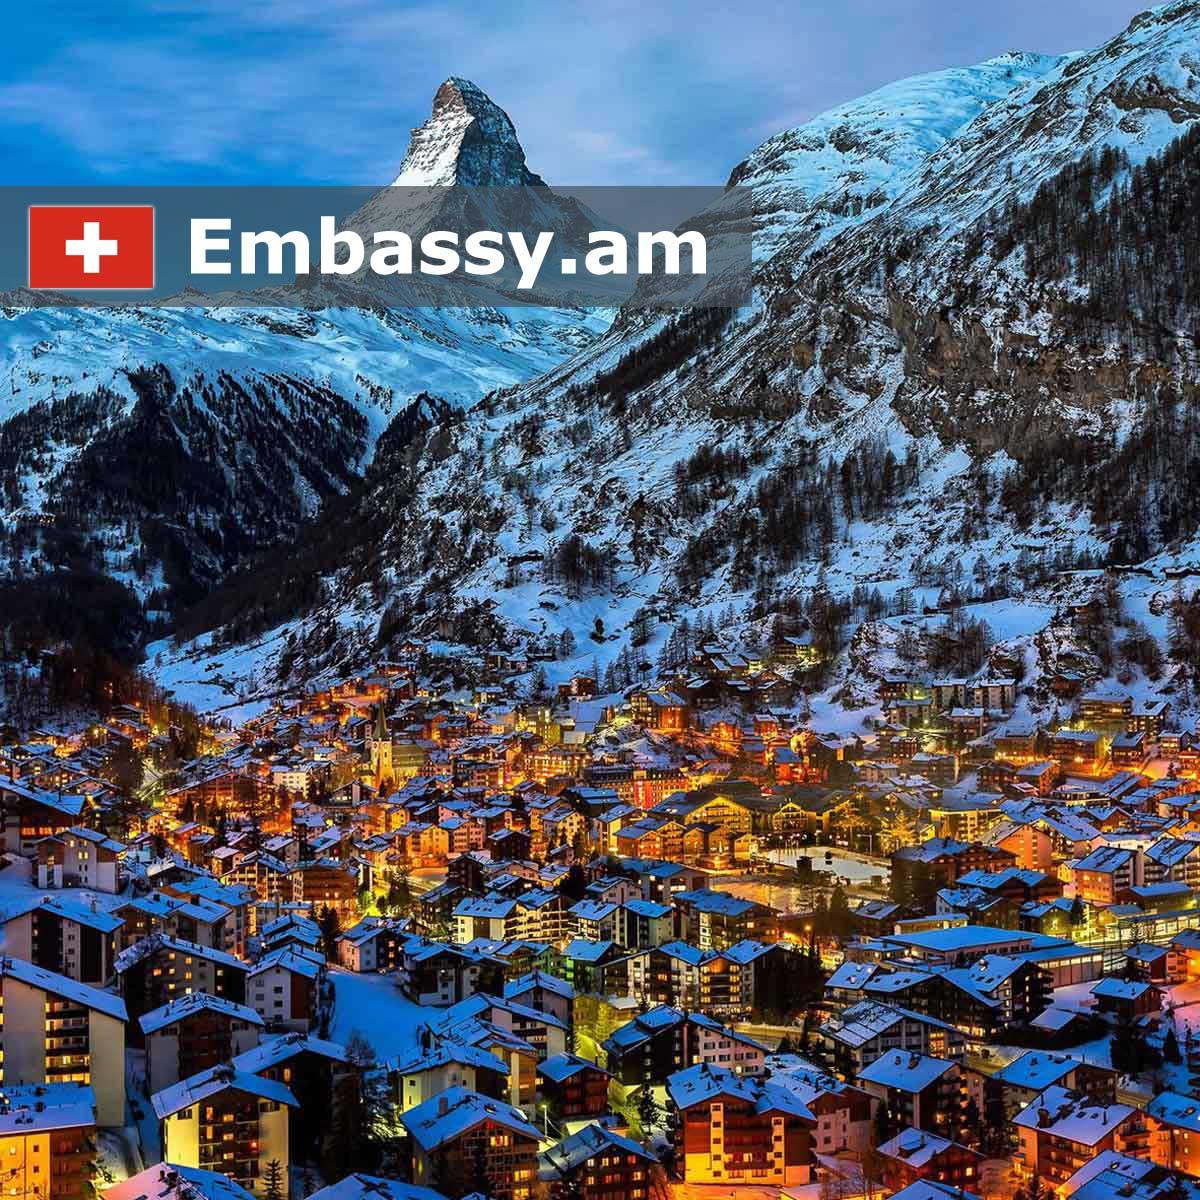 Церматт - Отели в Швейцарии - Embassy.am